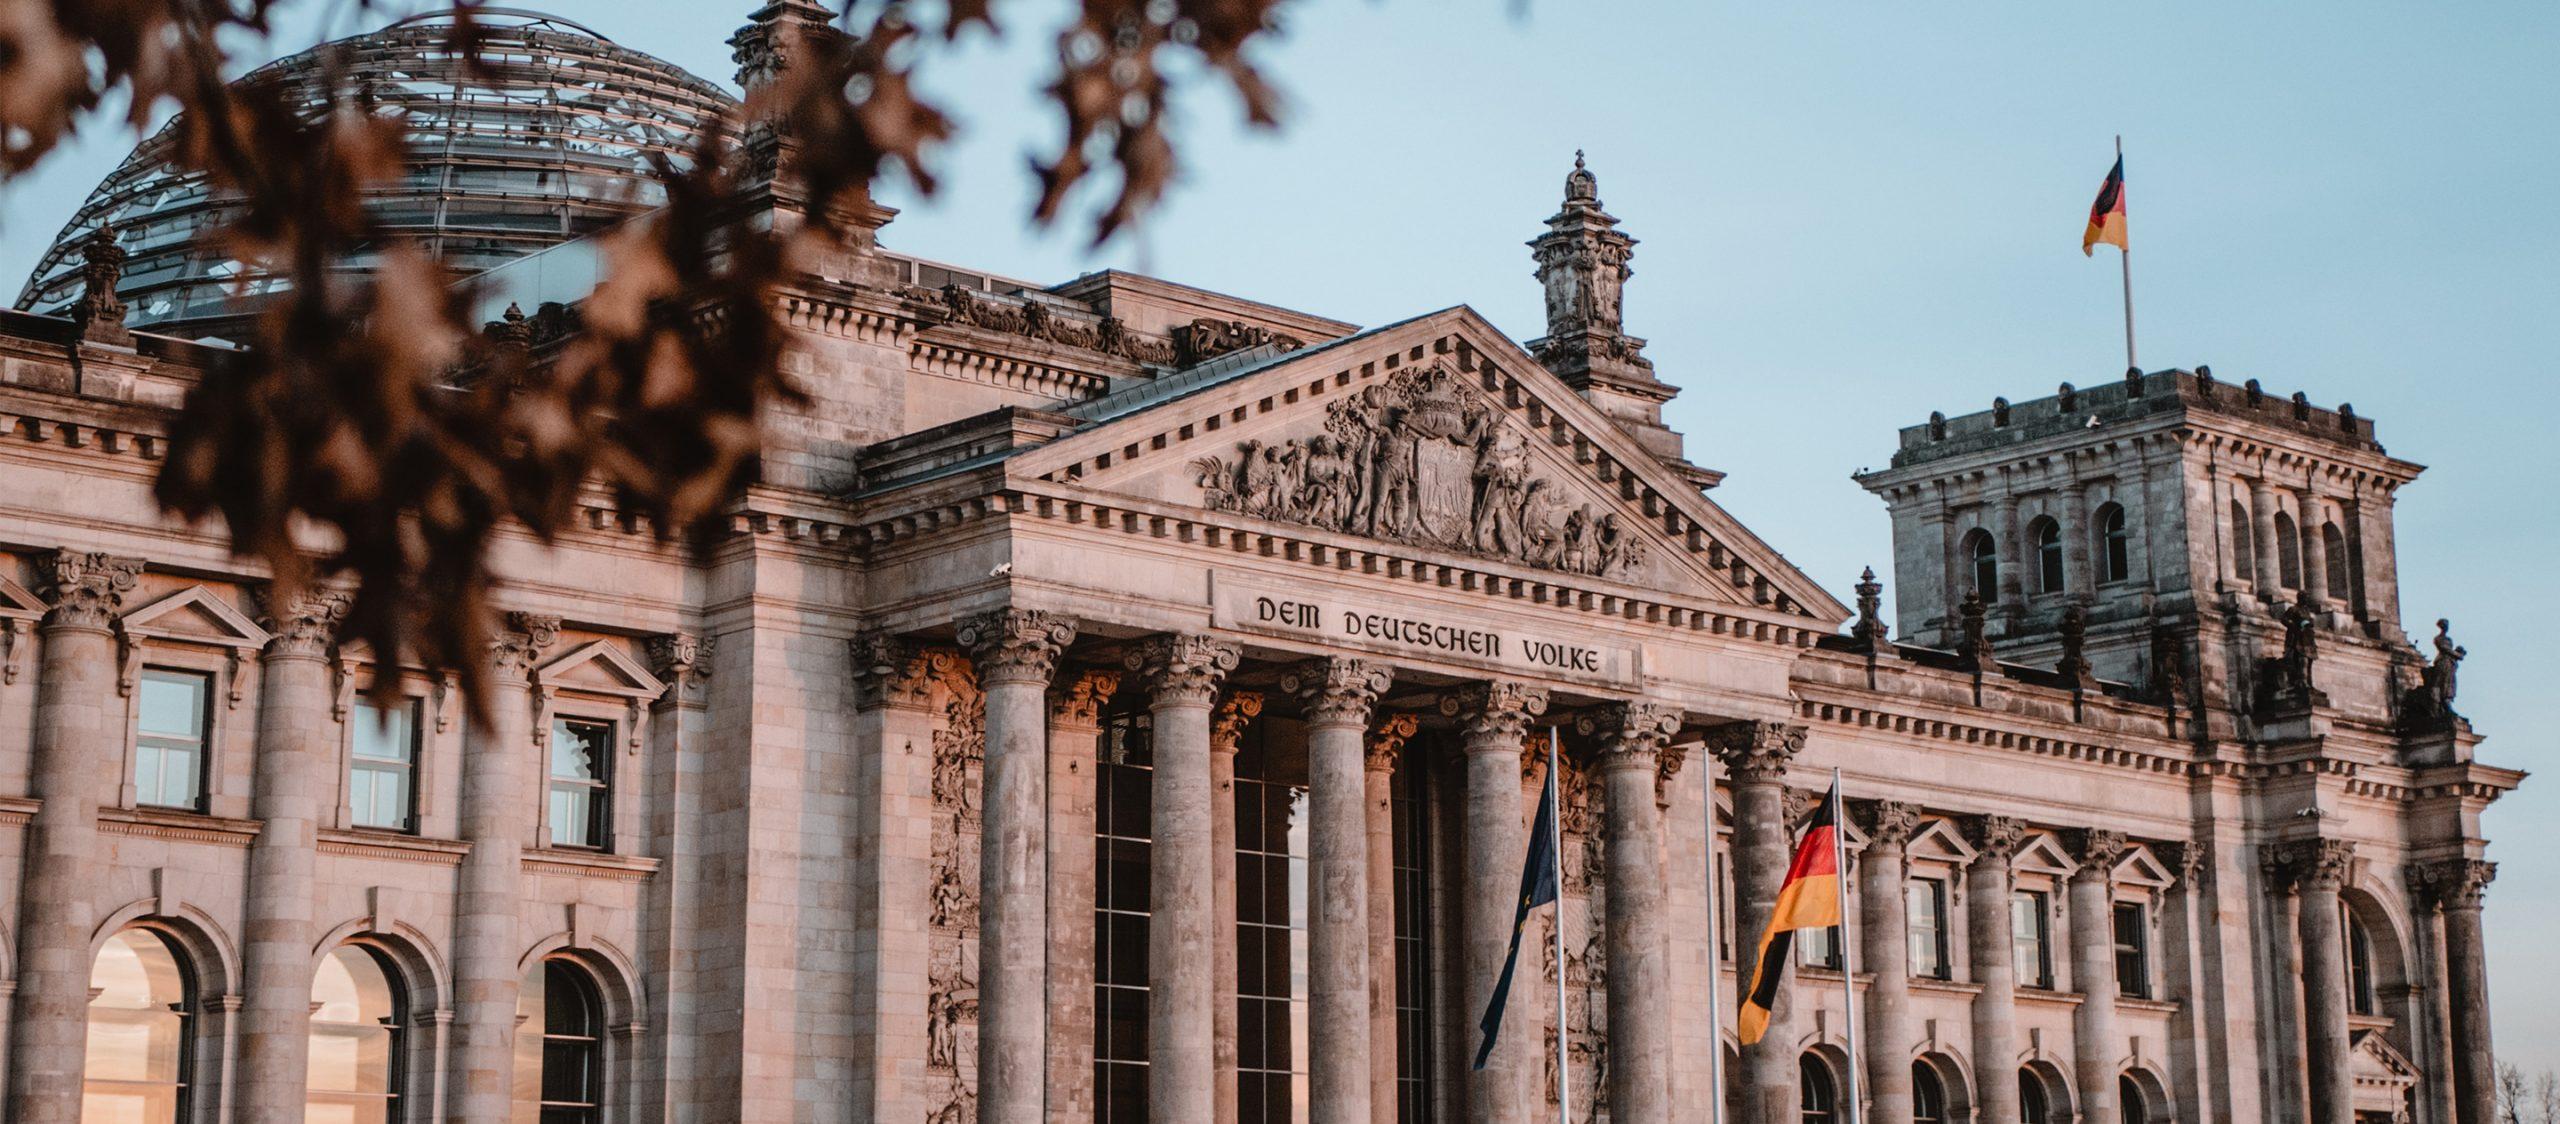 Unfinished Berlin, I Love You ตกหลุมรักเบอร์ลิน เมืองที่สร้างเท่าไหร่ก็ไม่เสร็จ